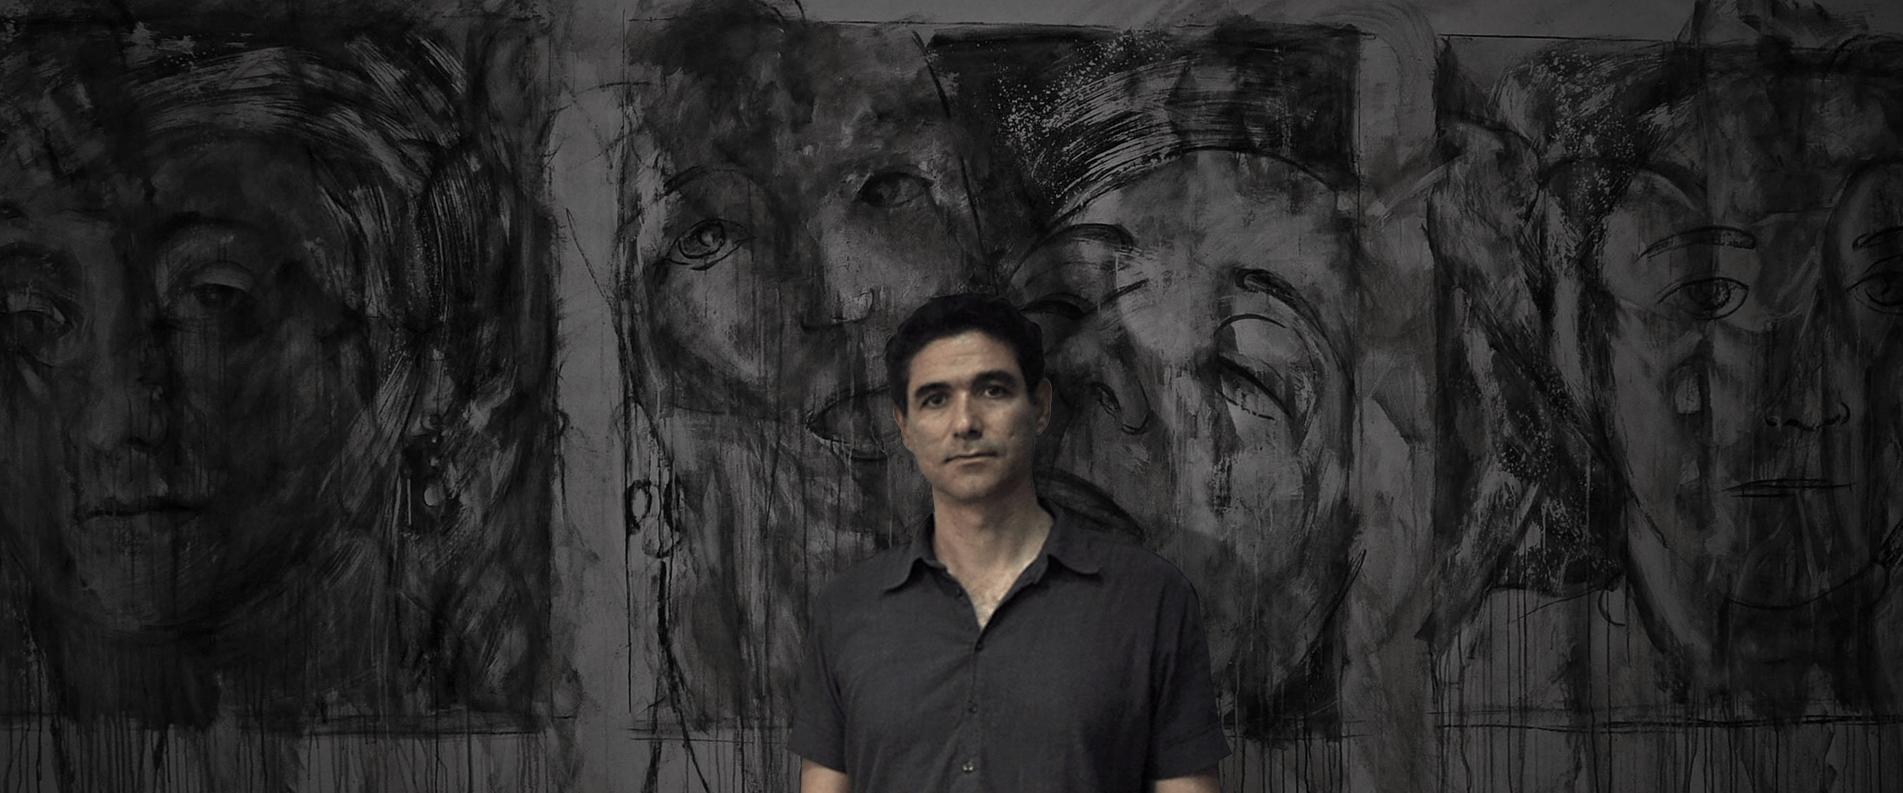 Николас Панаги: настоящее искусство должно быть честным